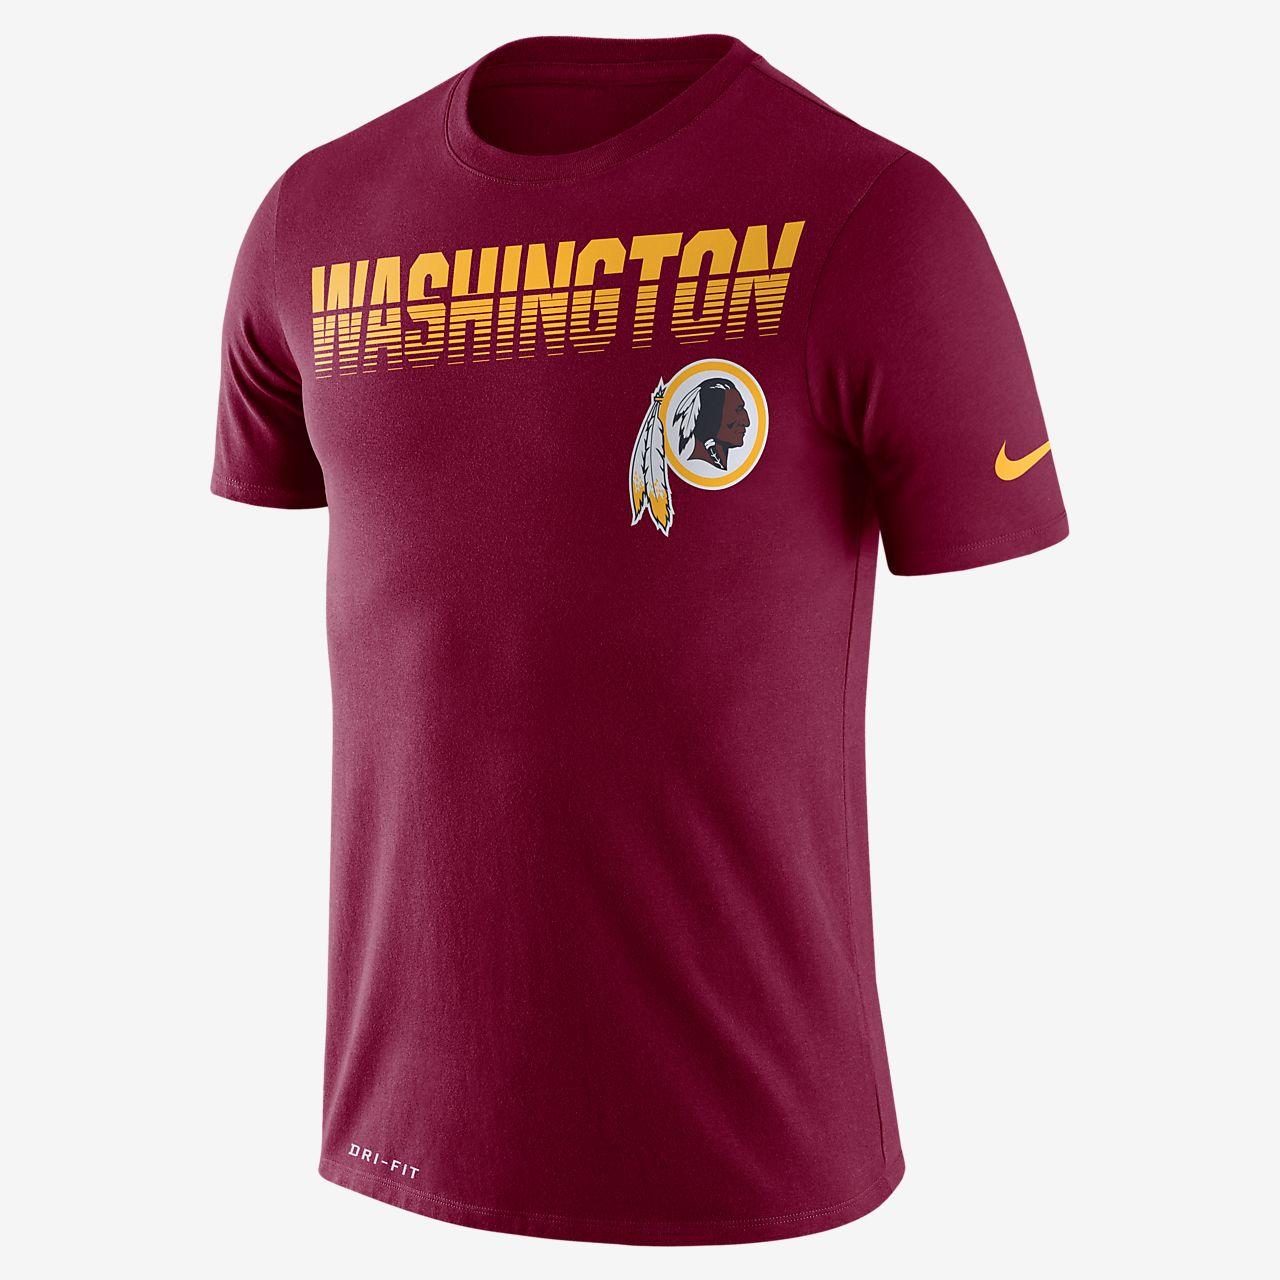 Nike Legend (NFL Redskins) Men's Short-Sleeve T-Shirt